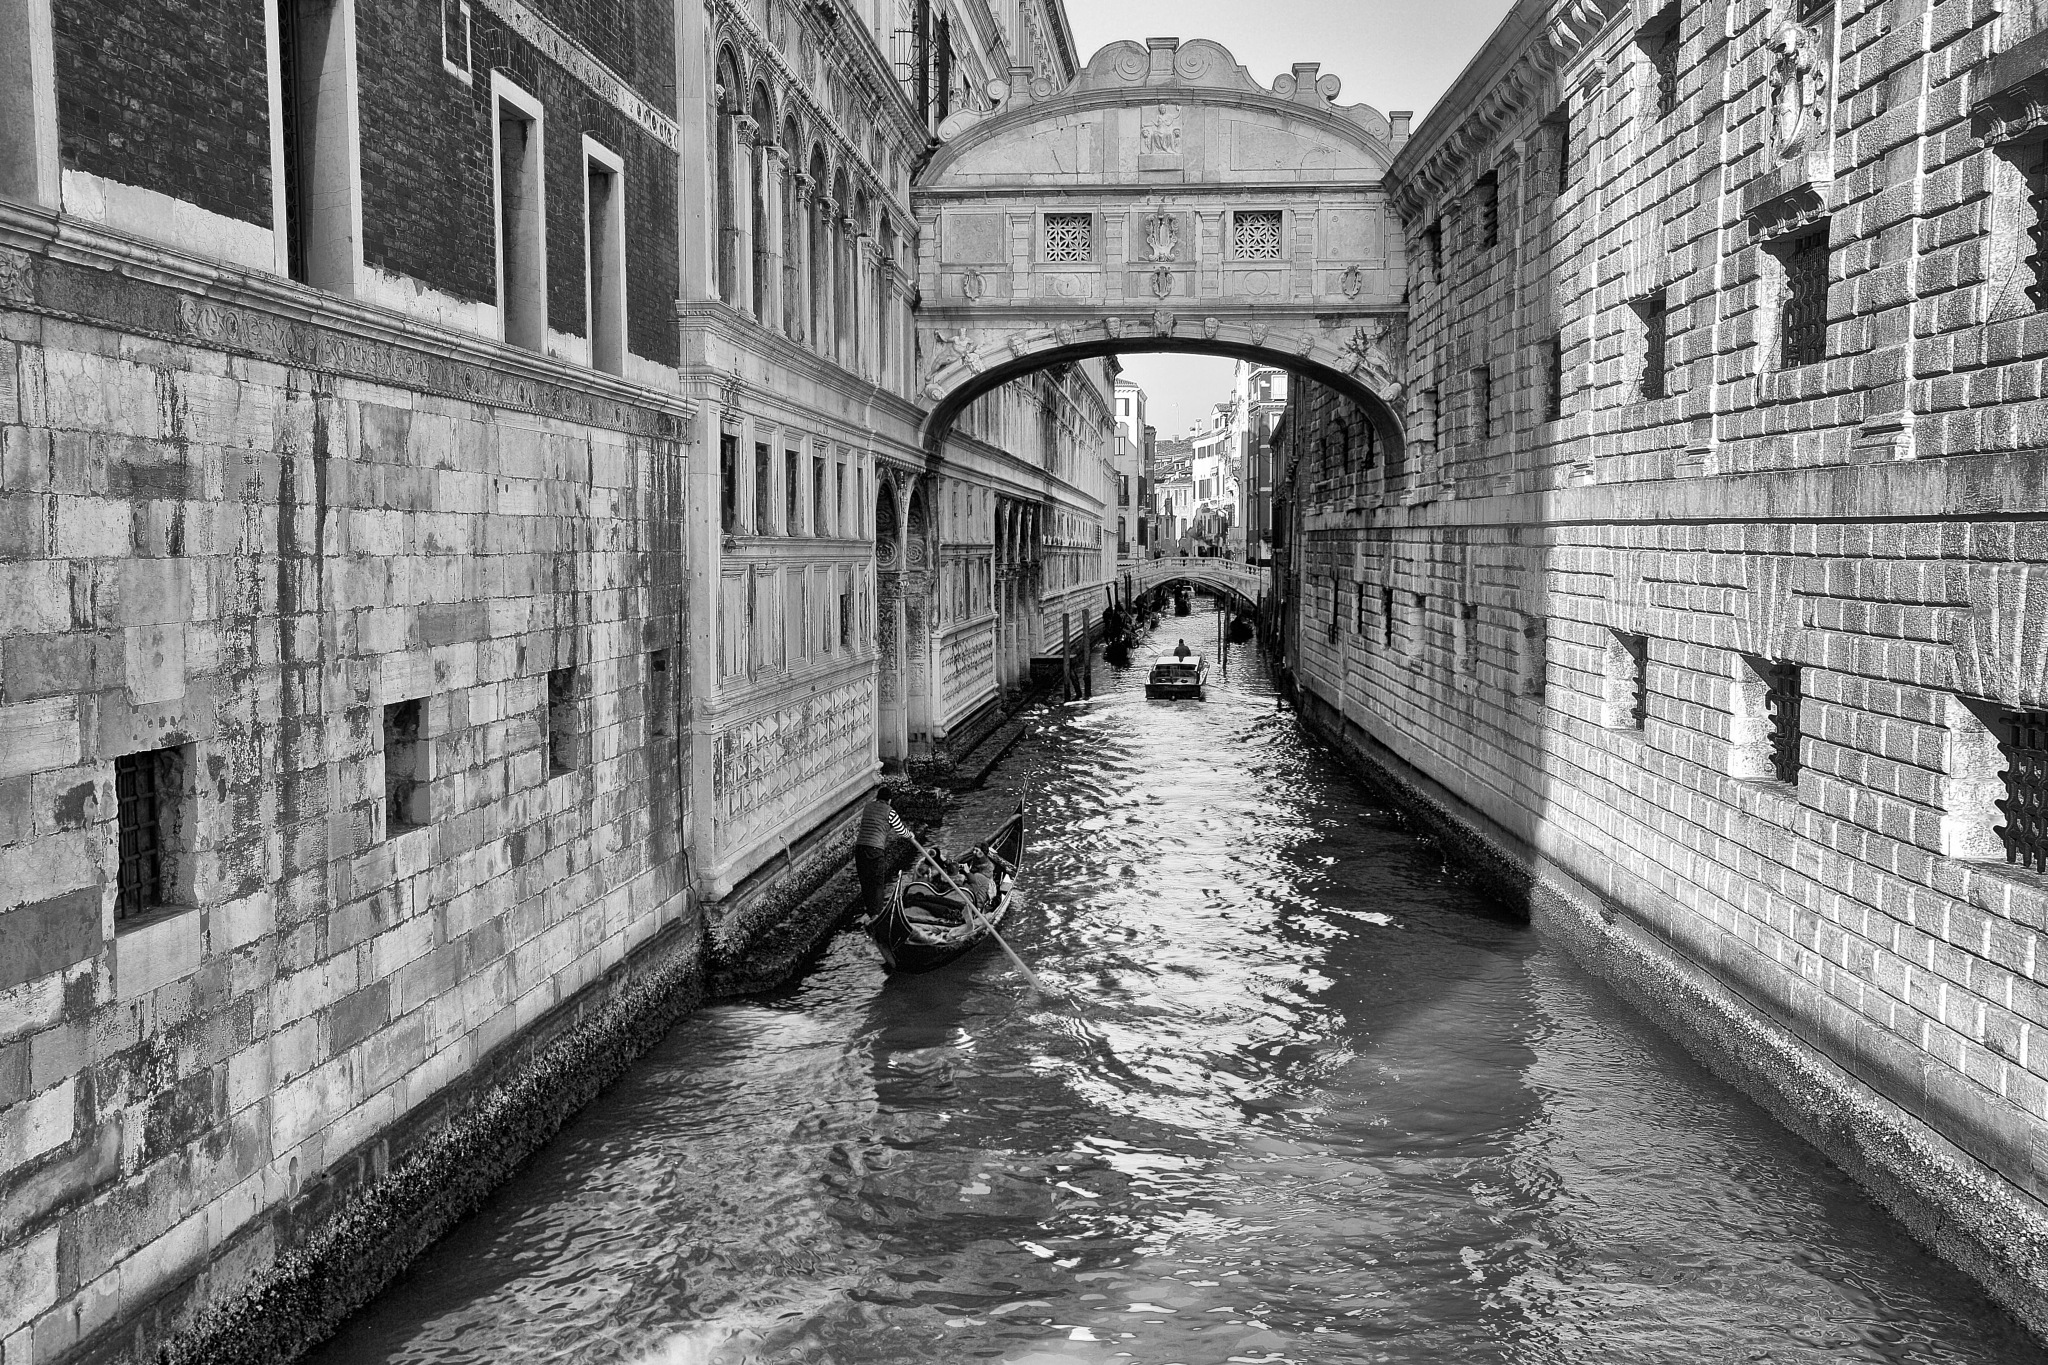 Bridge of Sighs by leecj0129